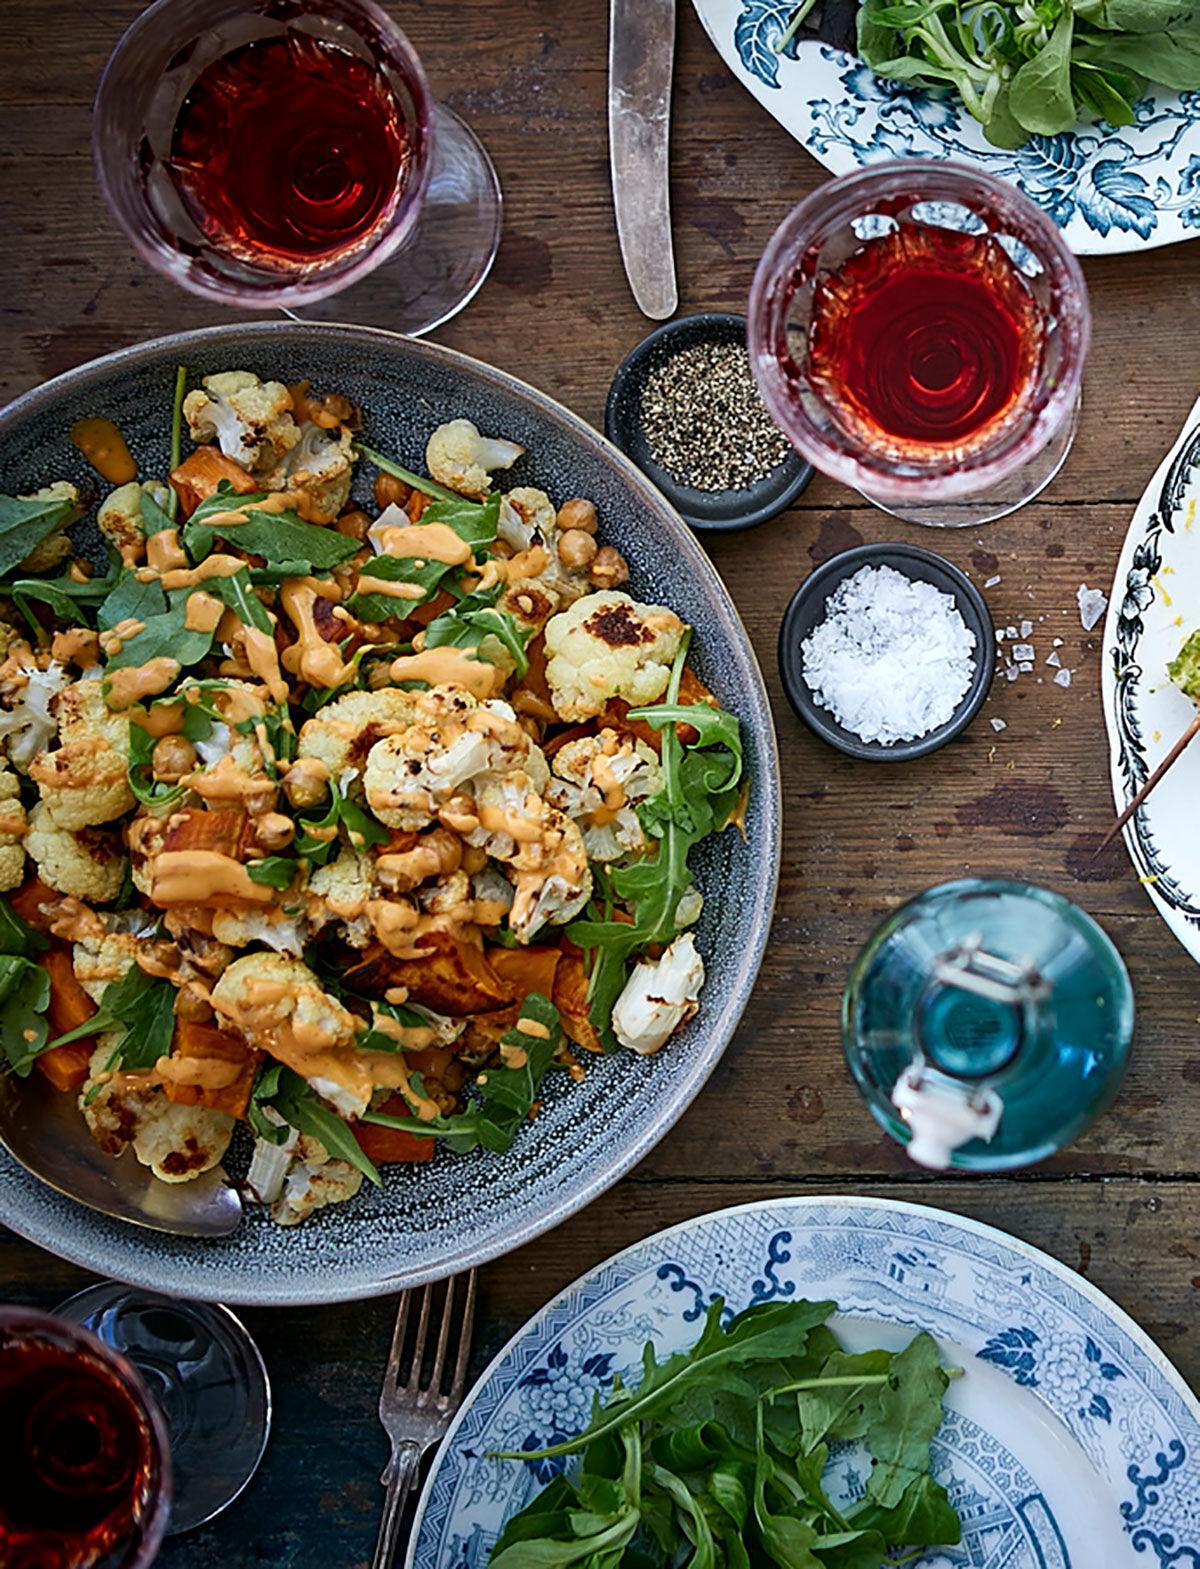 Ugnsbakad sötpotatis, blomkål och kikärtor med tahini-harissa dressing upplagt på ett dukat träbord